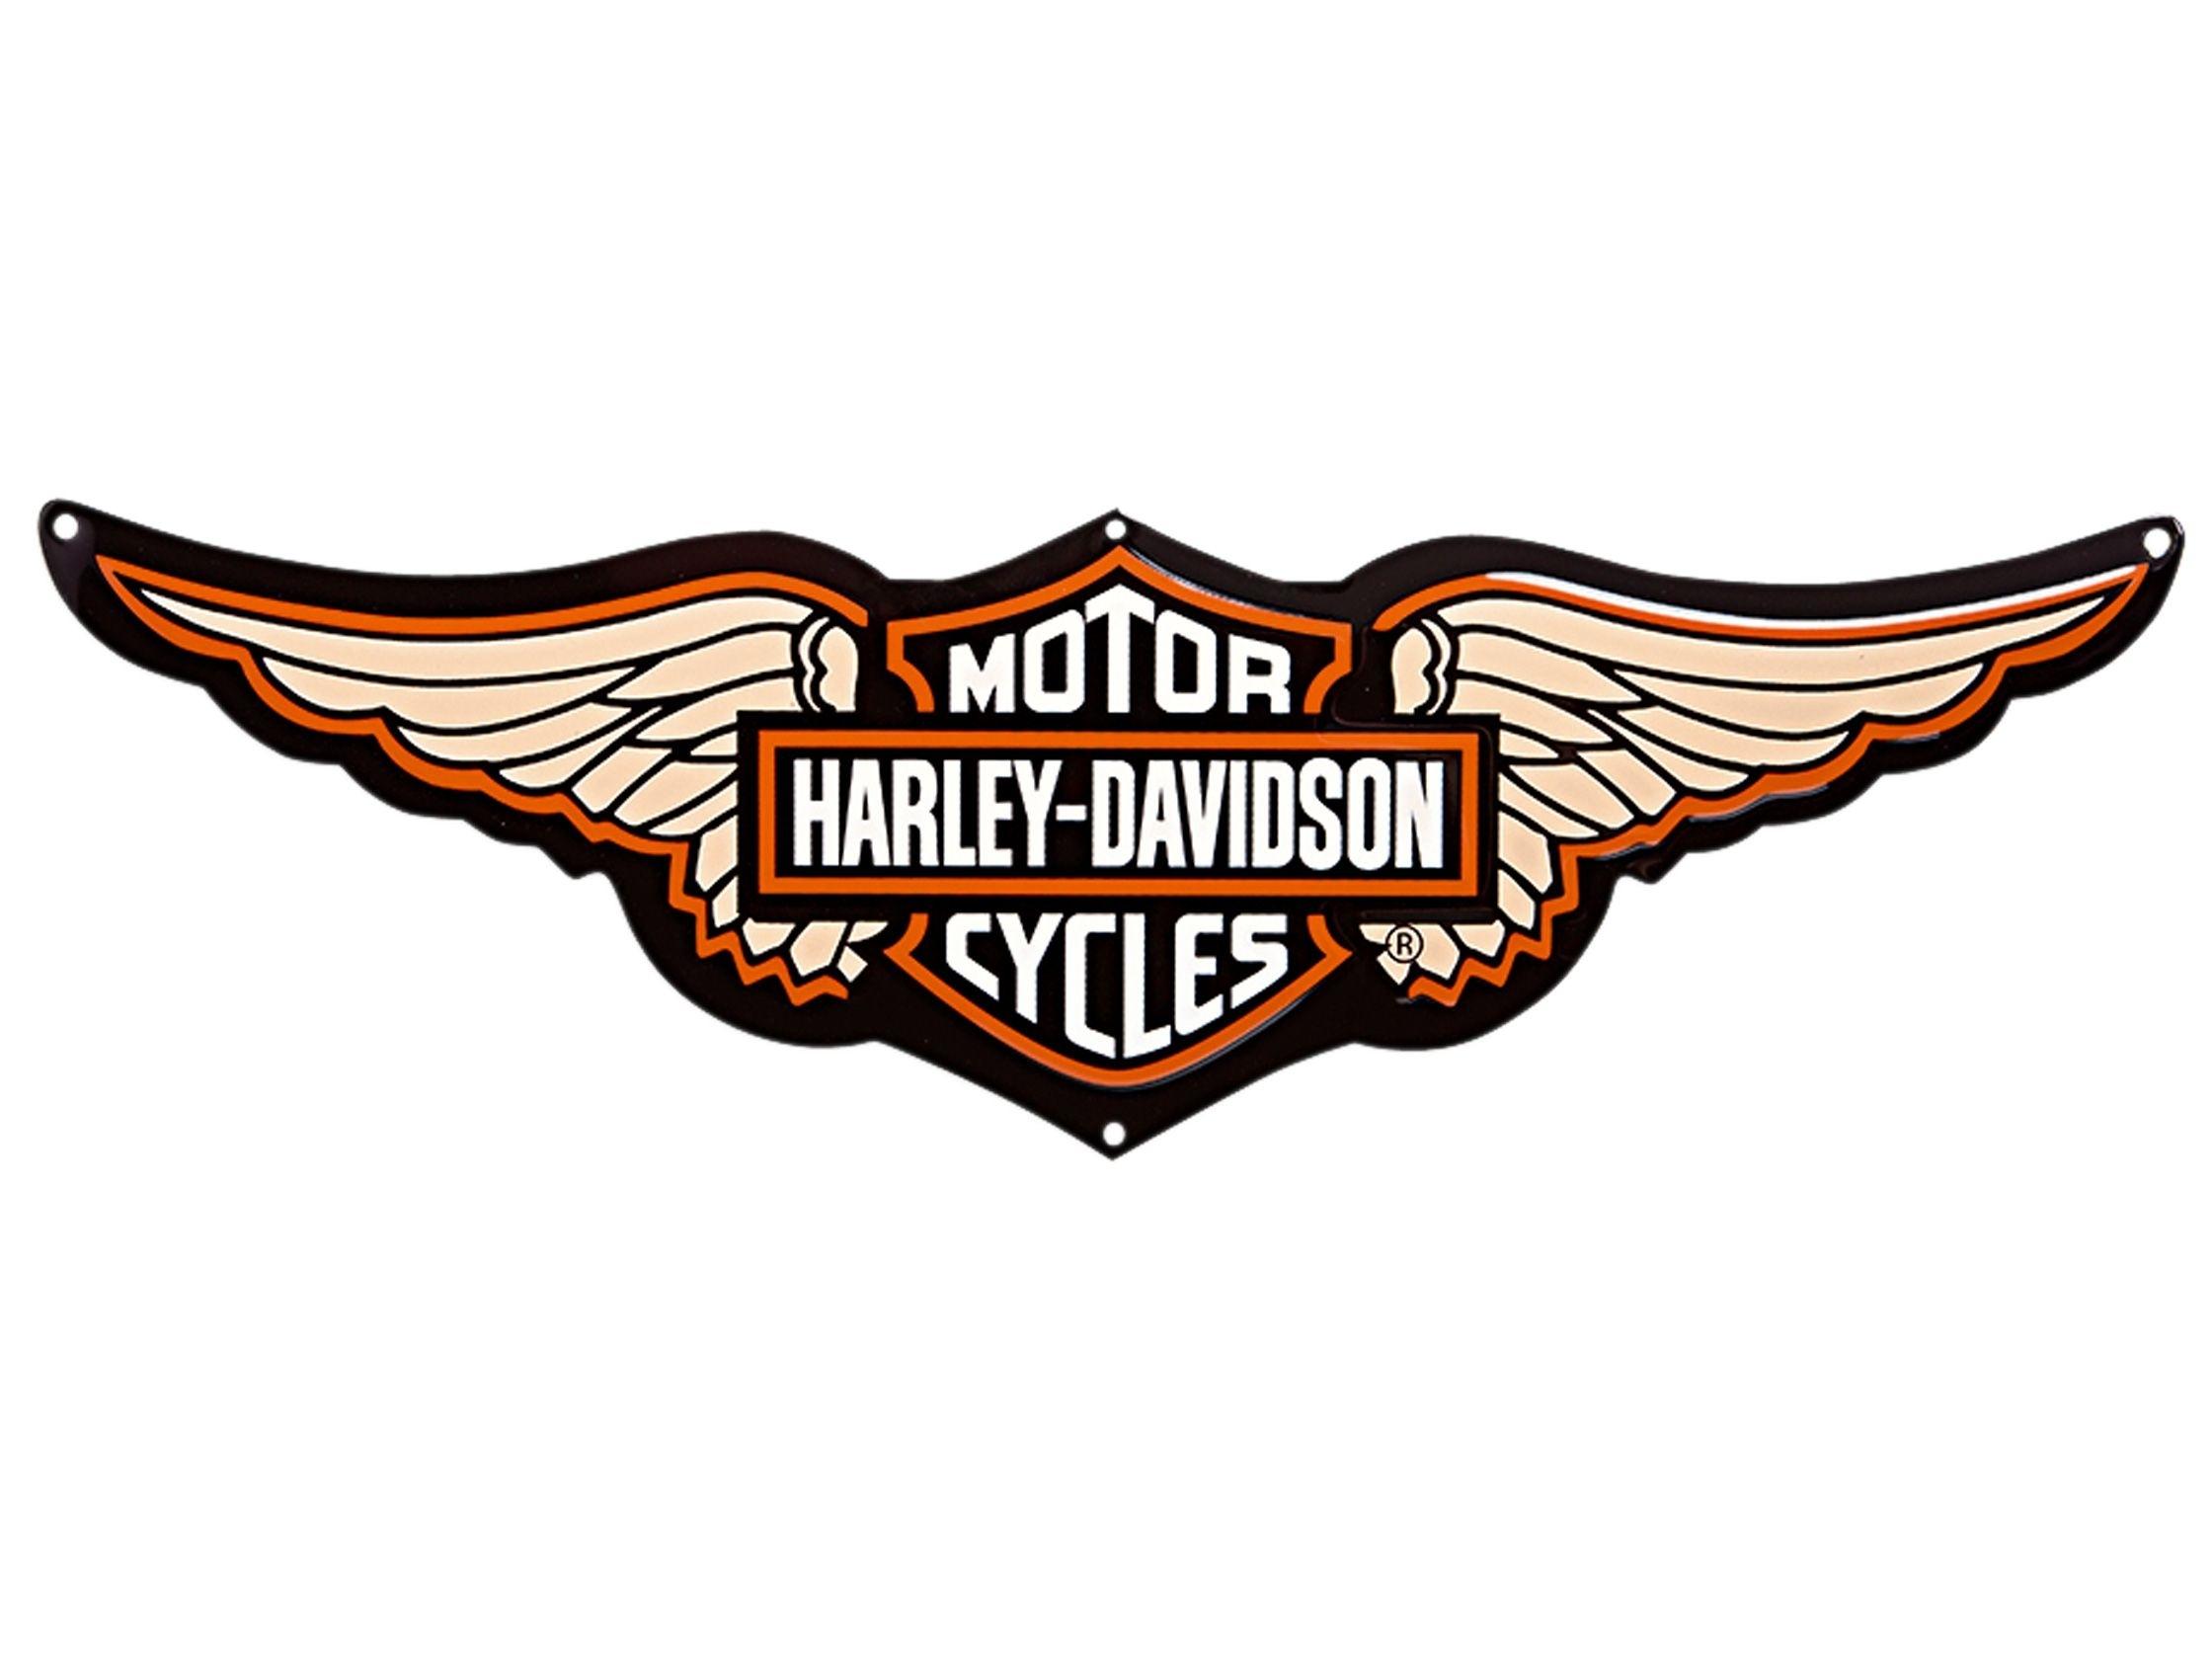 10 best images of harley davidson logo full hd 1920 1080 for pc rh rxwallpaper site harley davidson logo download harley davidson logo dwg download